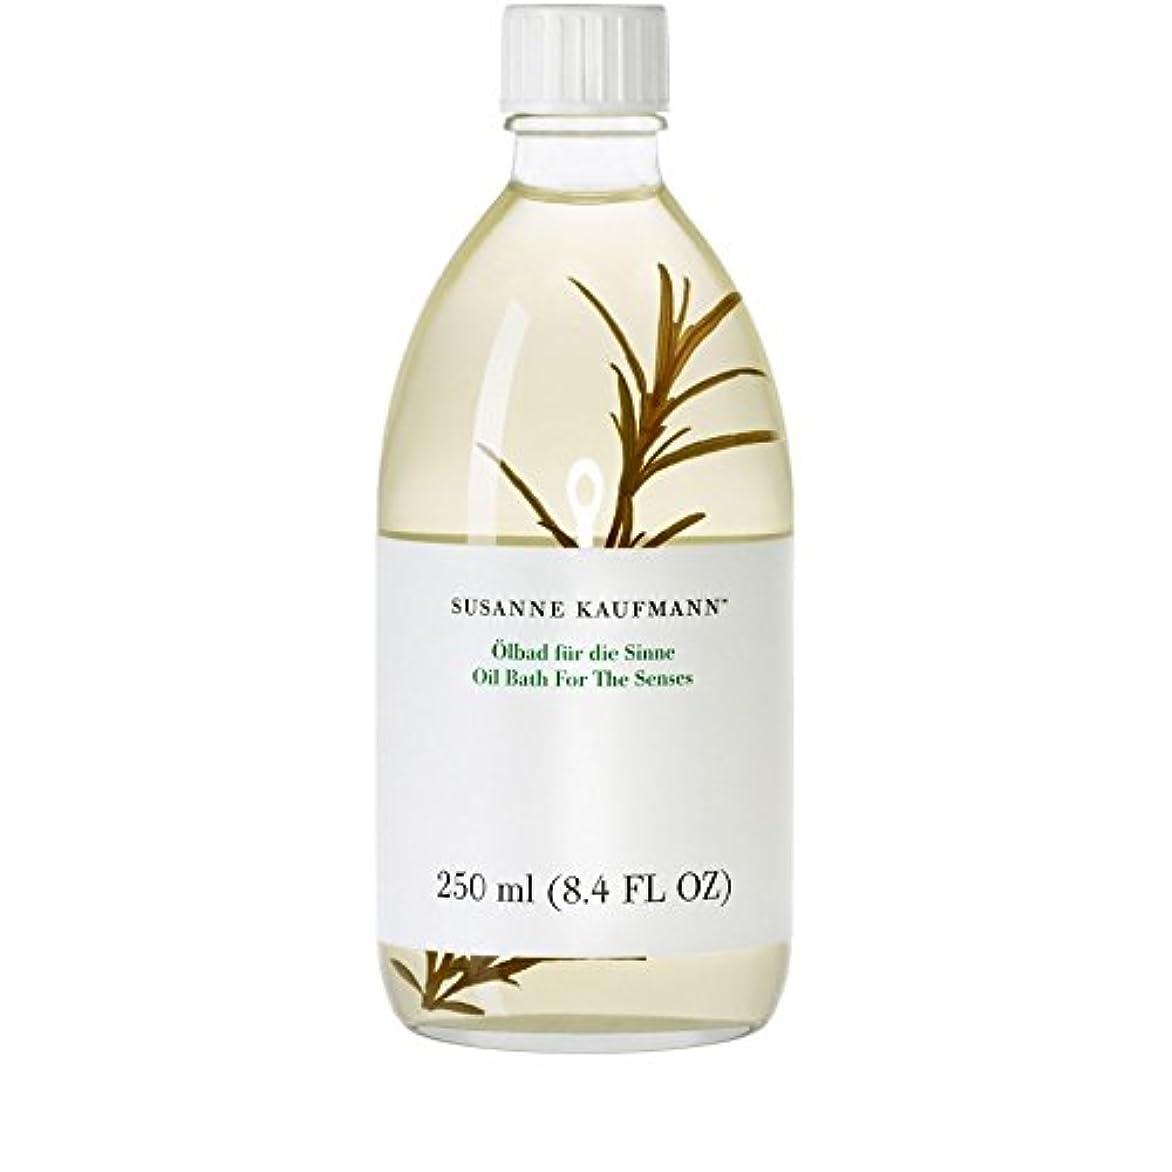 消費者判読できない極地Susanne Kaufmann Oil Bath for the Senses 250ml - 250ミリリットルの感覚のためのスザンヌカウフマンオイルバス [並行輸入品]